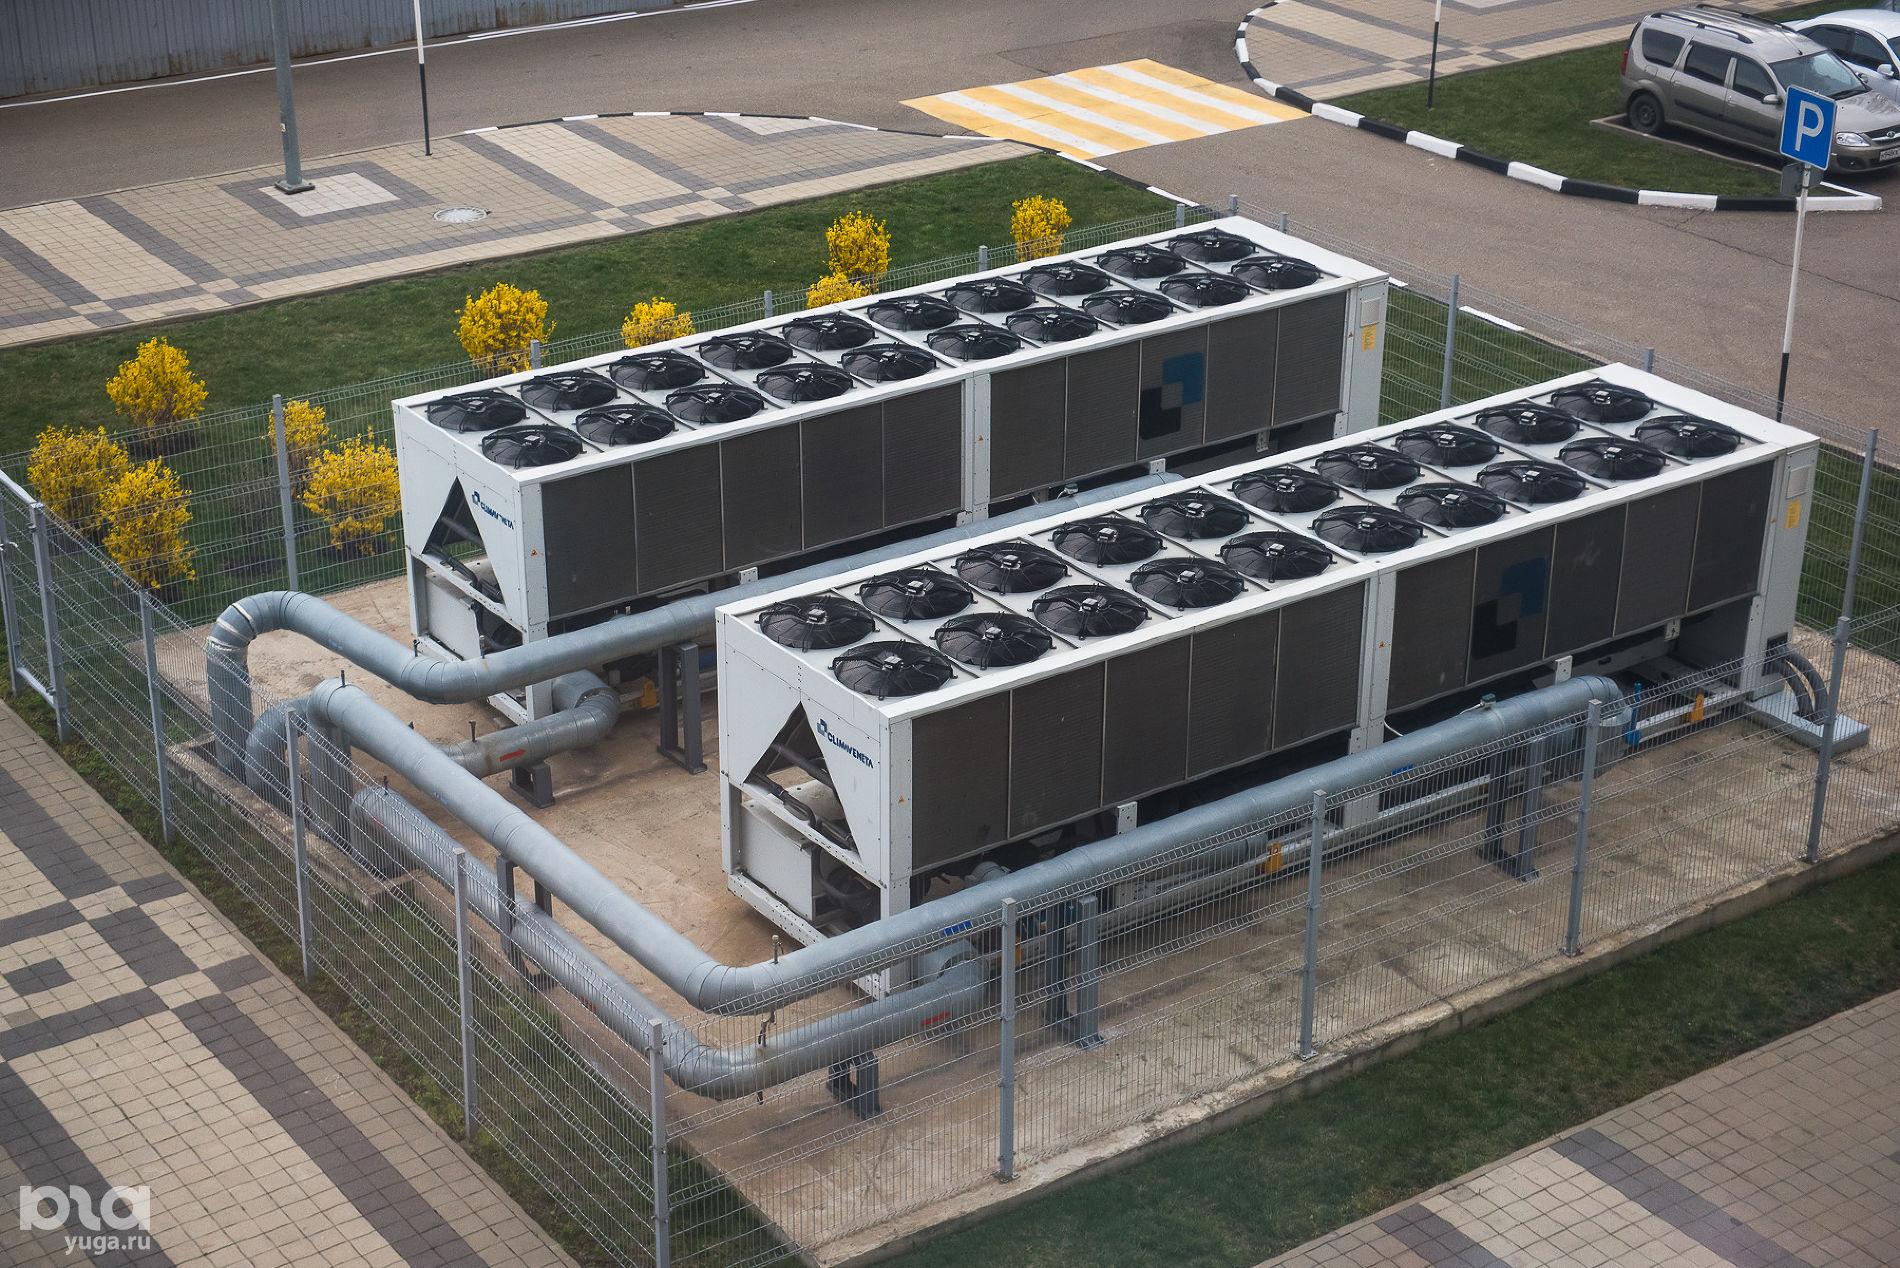 Холодильные установки «Баскет-холла» ©Фото Елены Синеок, Юга.ру